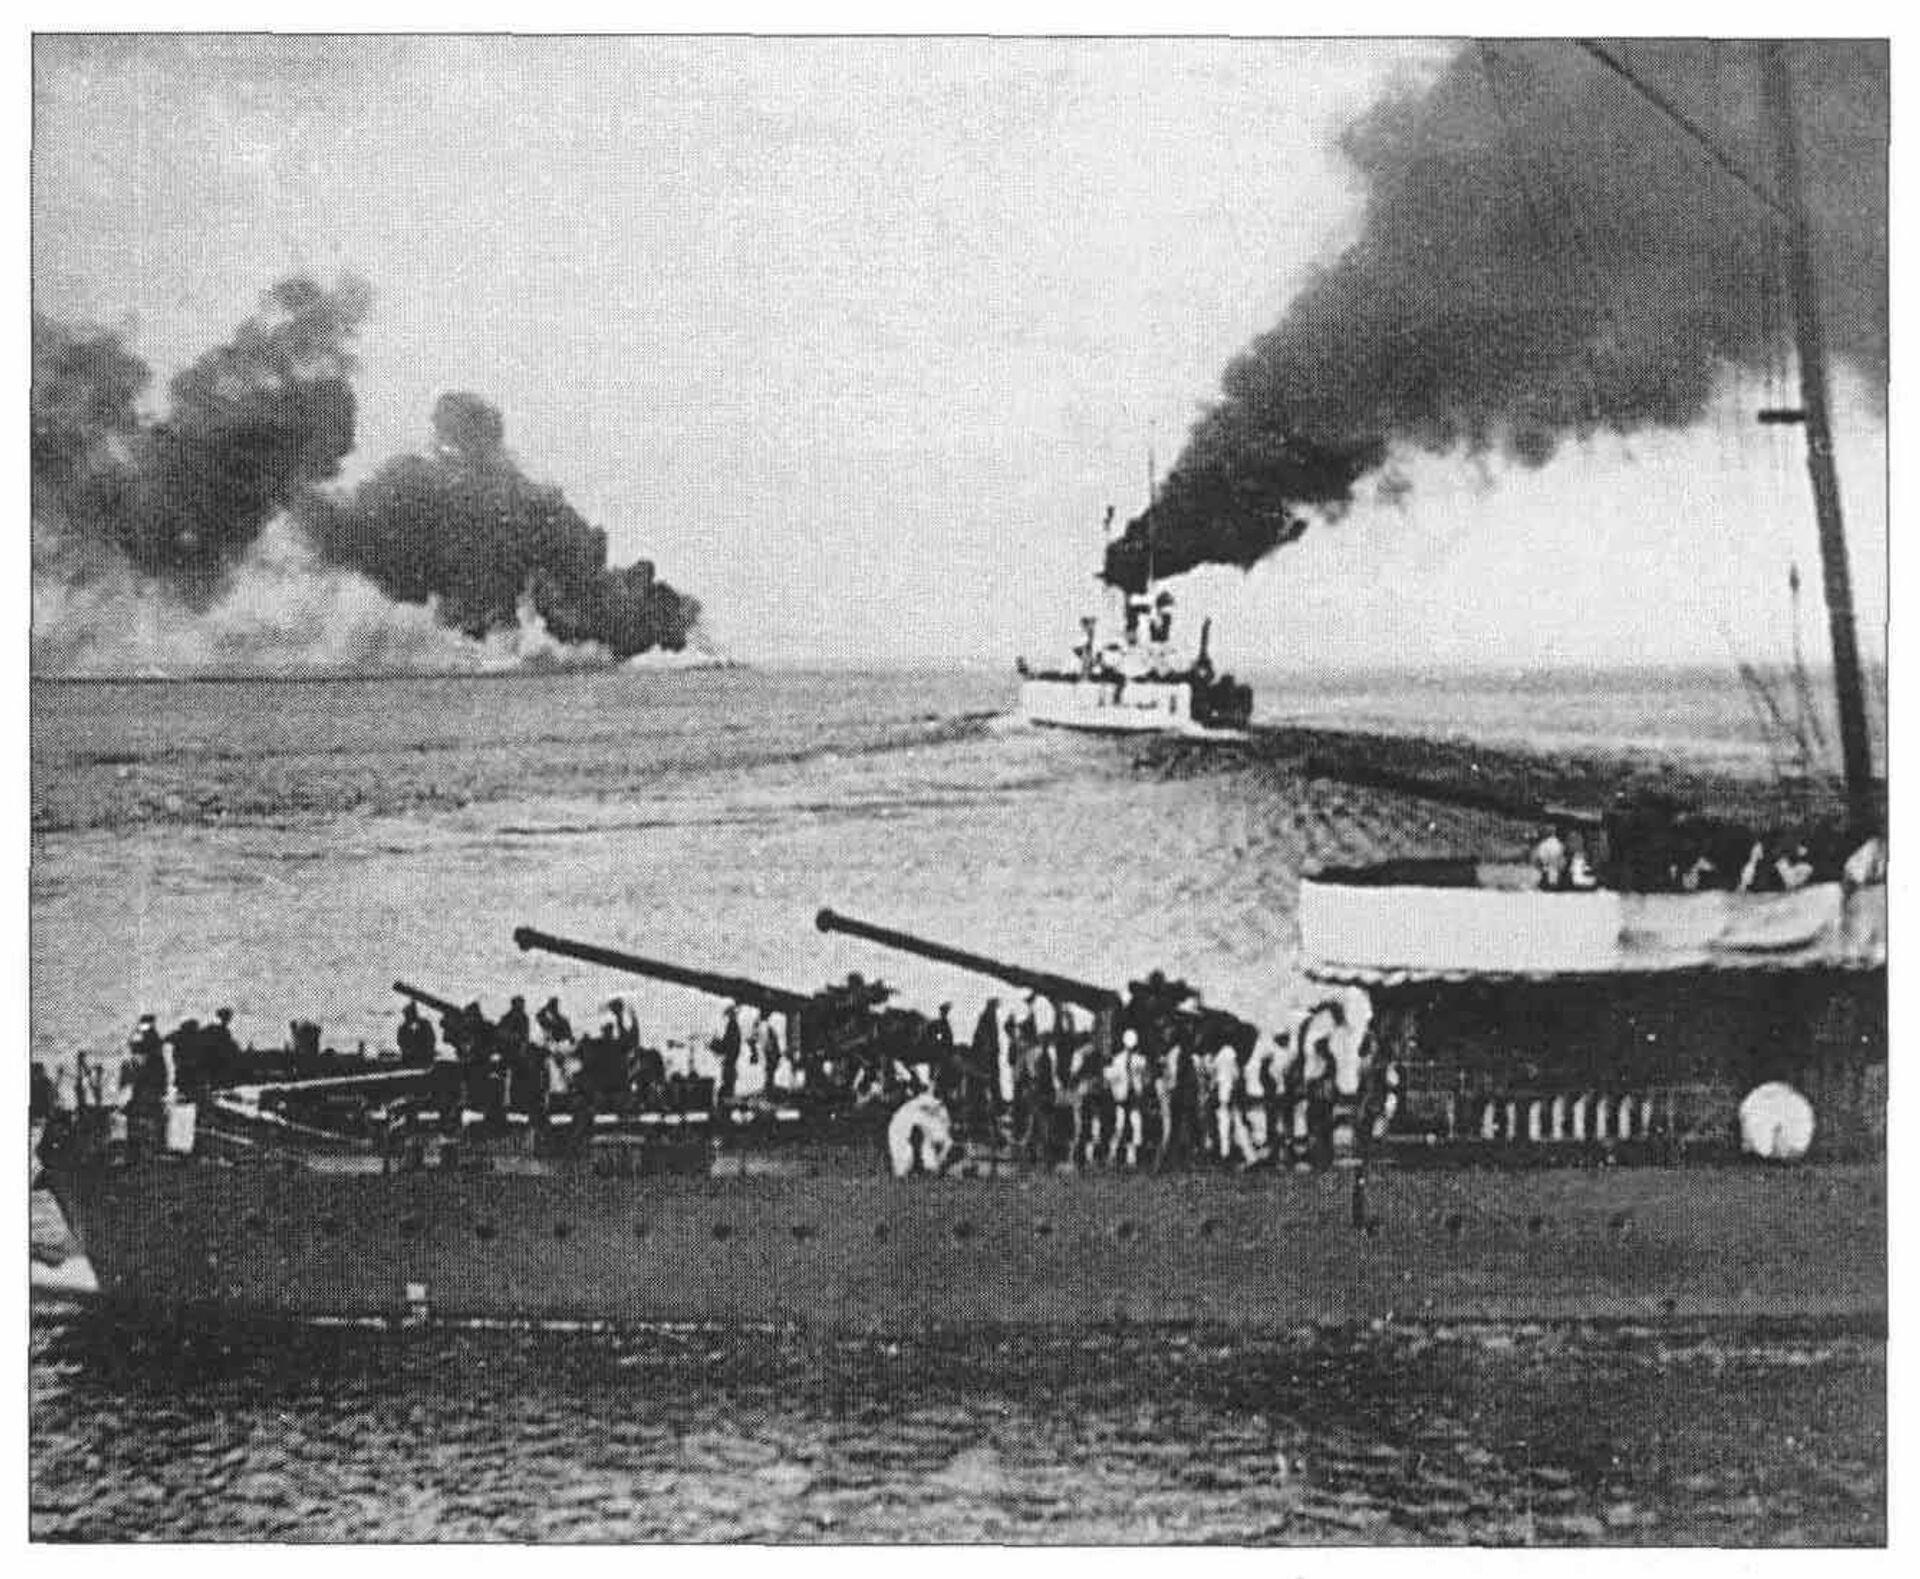 Линкор Воля уходит из Новороссийска 17 июня 1918 года. На переднем плане — оставшийся для затопления эсминец Керчь - РИА Новости, 1920, 19.10.2020